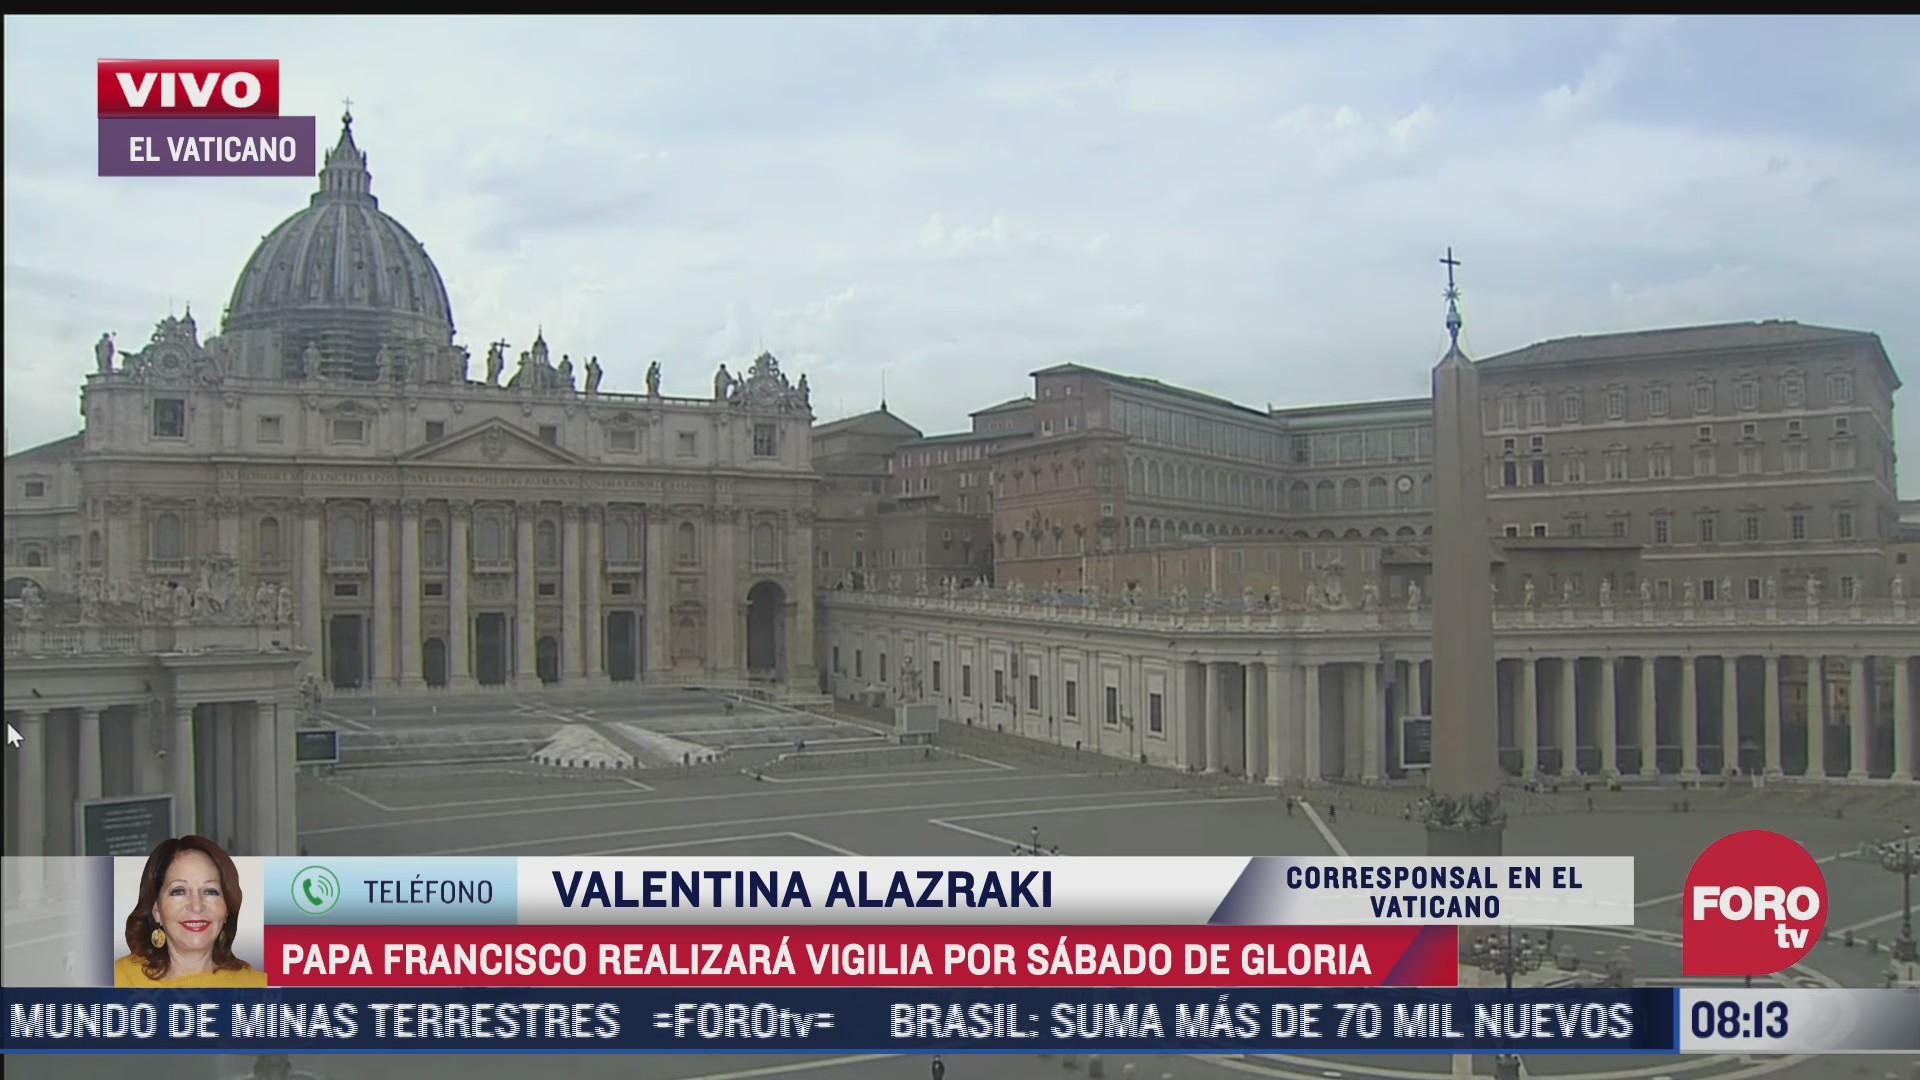 papa francisco celebrara la vigilia del sabado santo con algunos cambios por covid